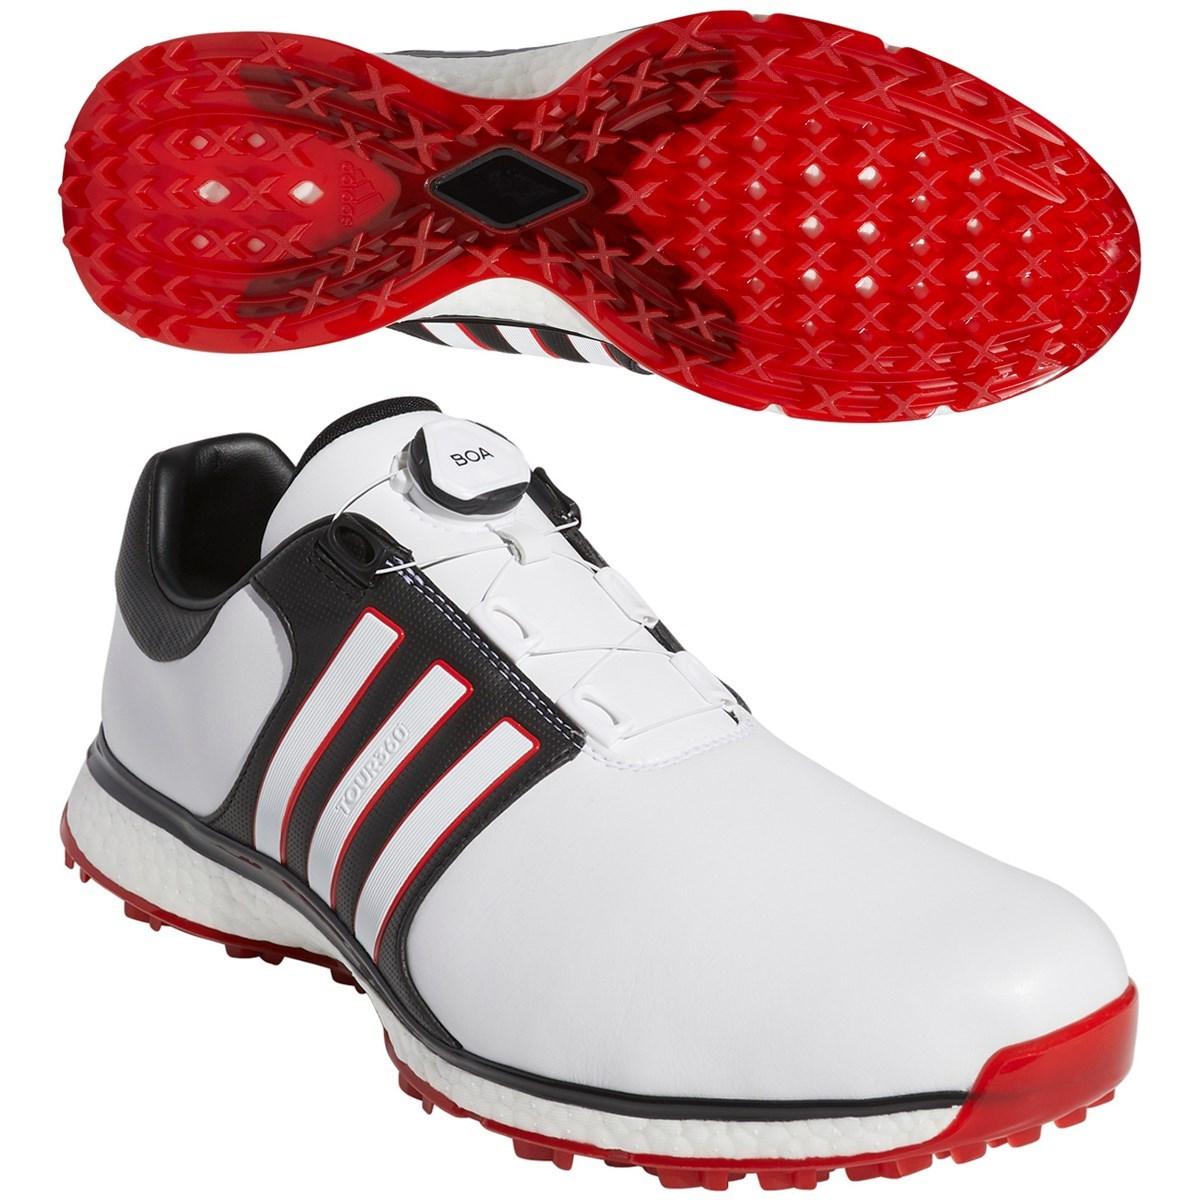 アディダス Adidas ツアー360 XT スパイクレス ボア シューズ 25.5cm ホワイト/コアブラック/スカーレット F34190